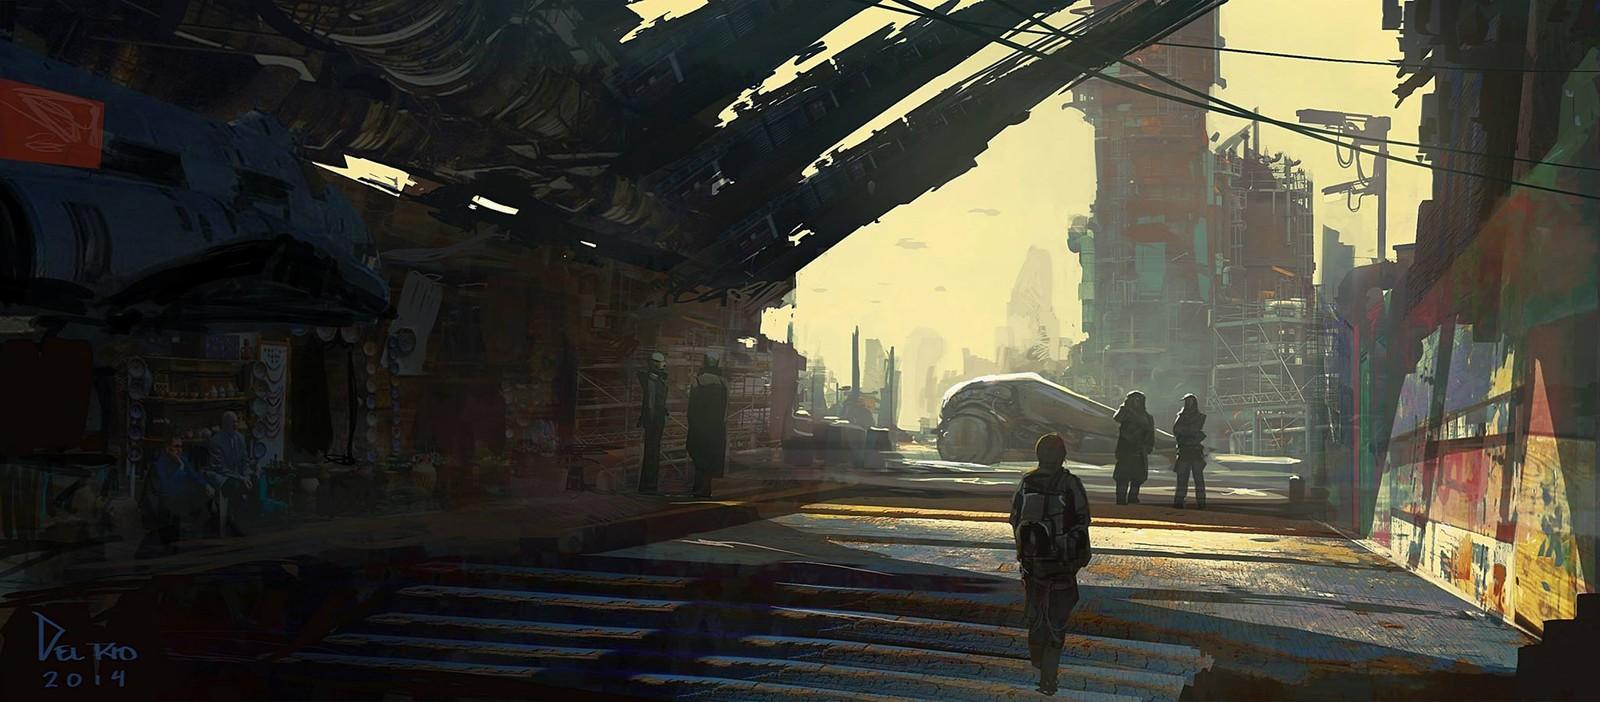 Industrial slumin